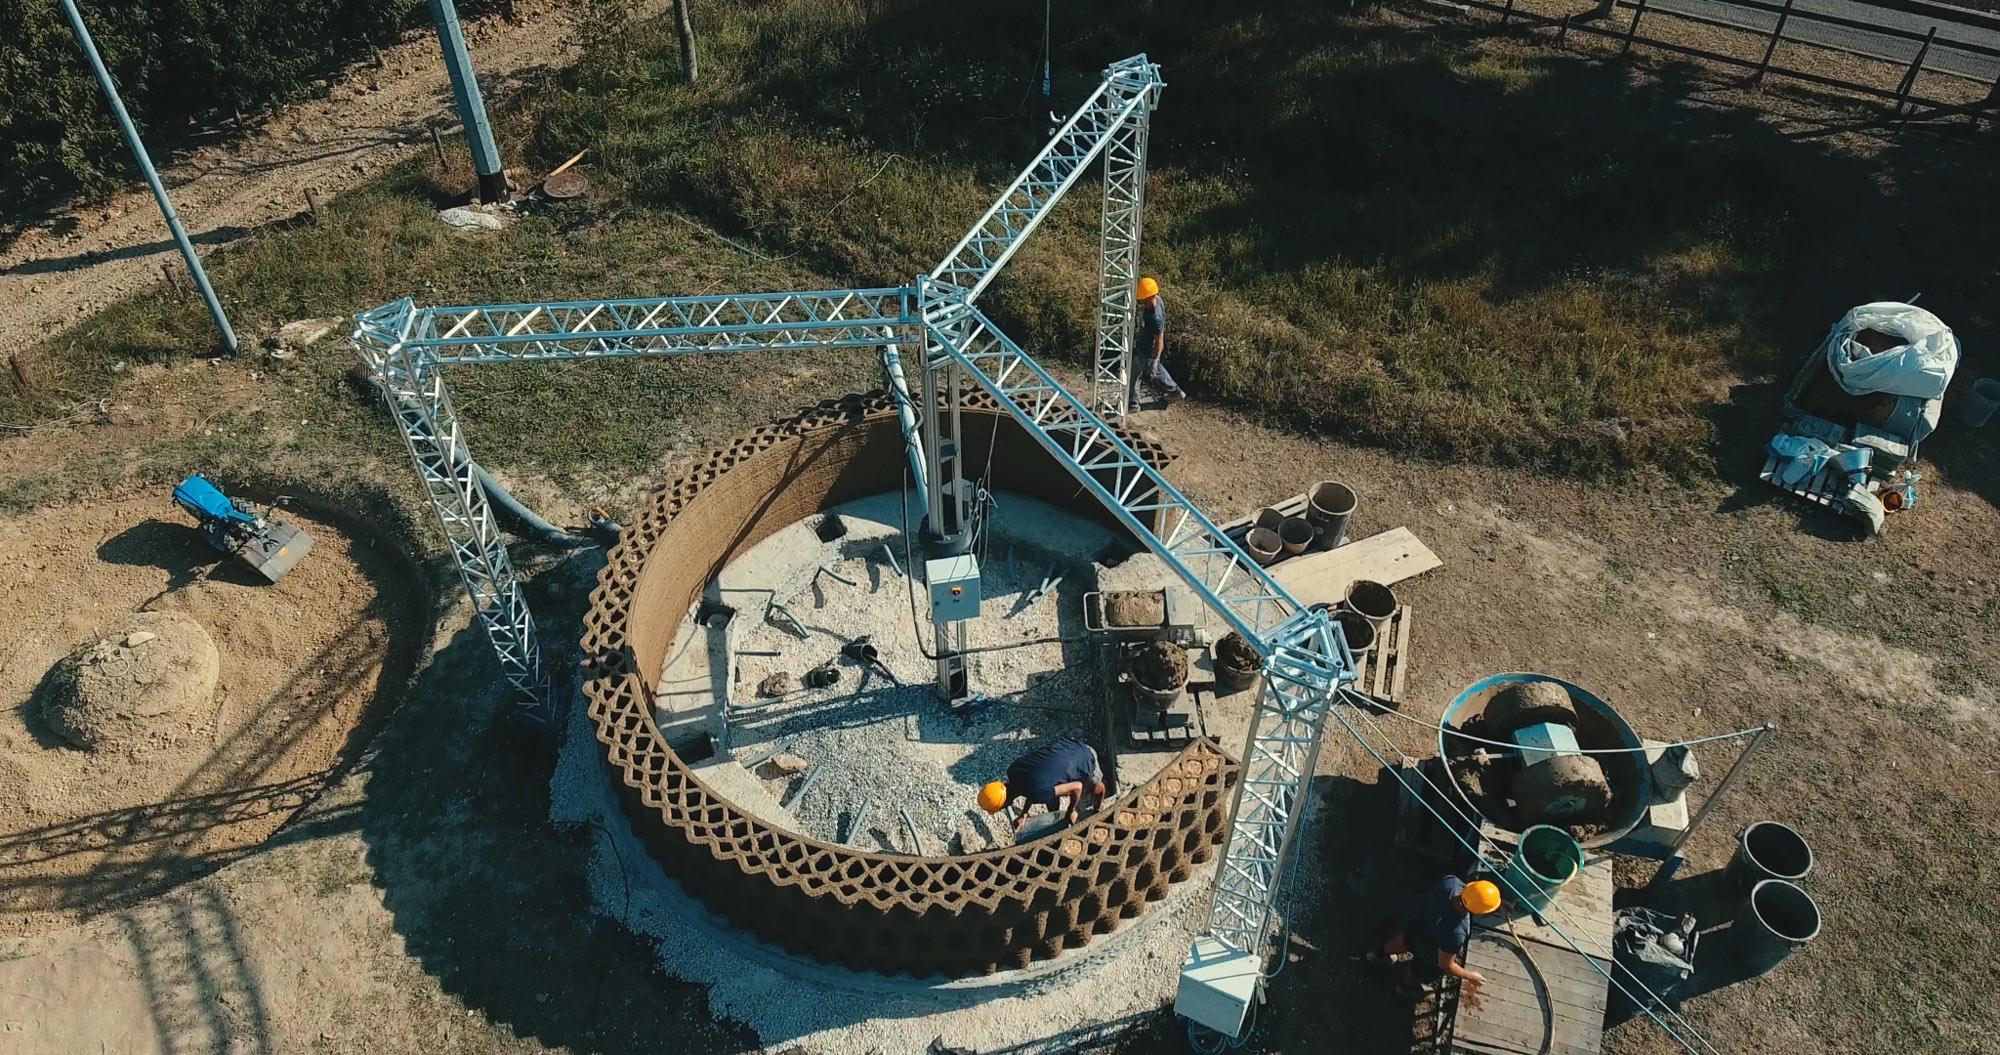 La stampante 3D Crane Wasp in lavorazione durante la costruzione del modello Gaia